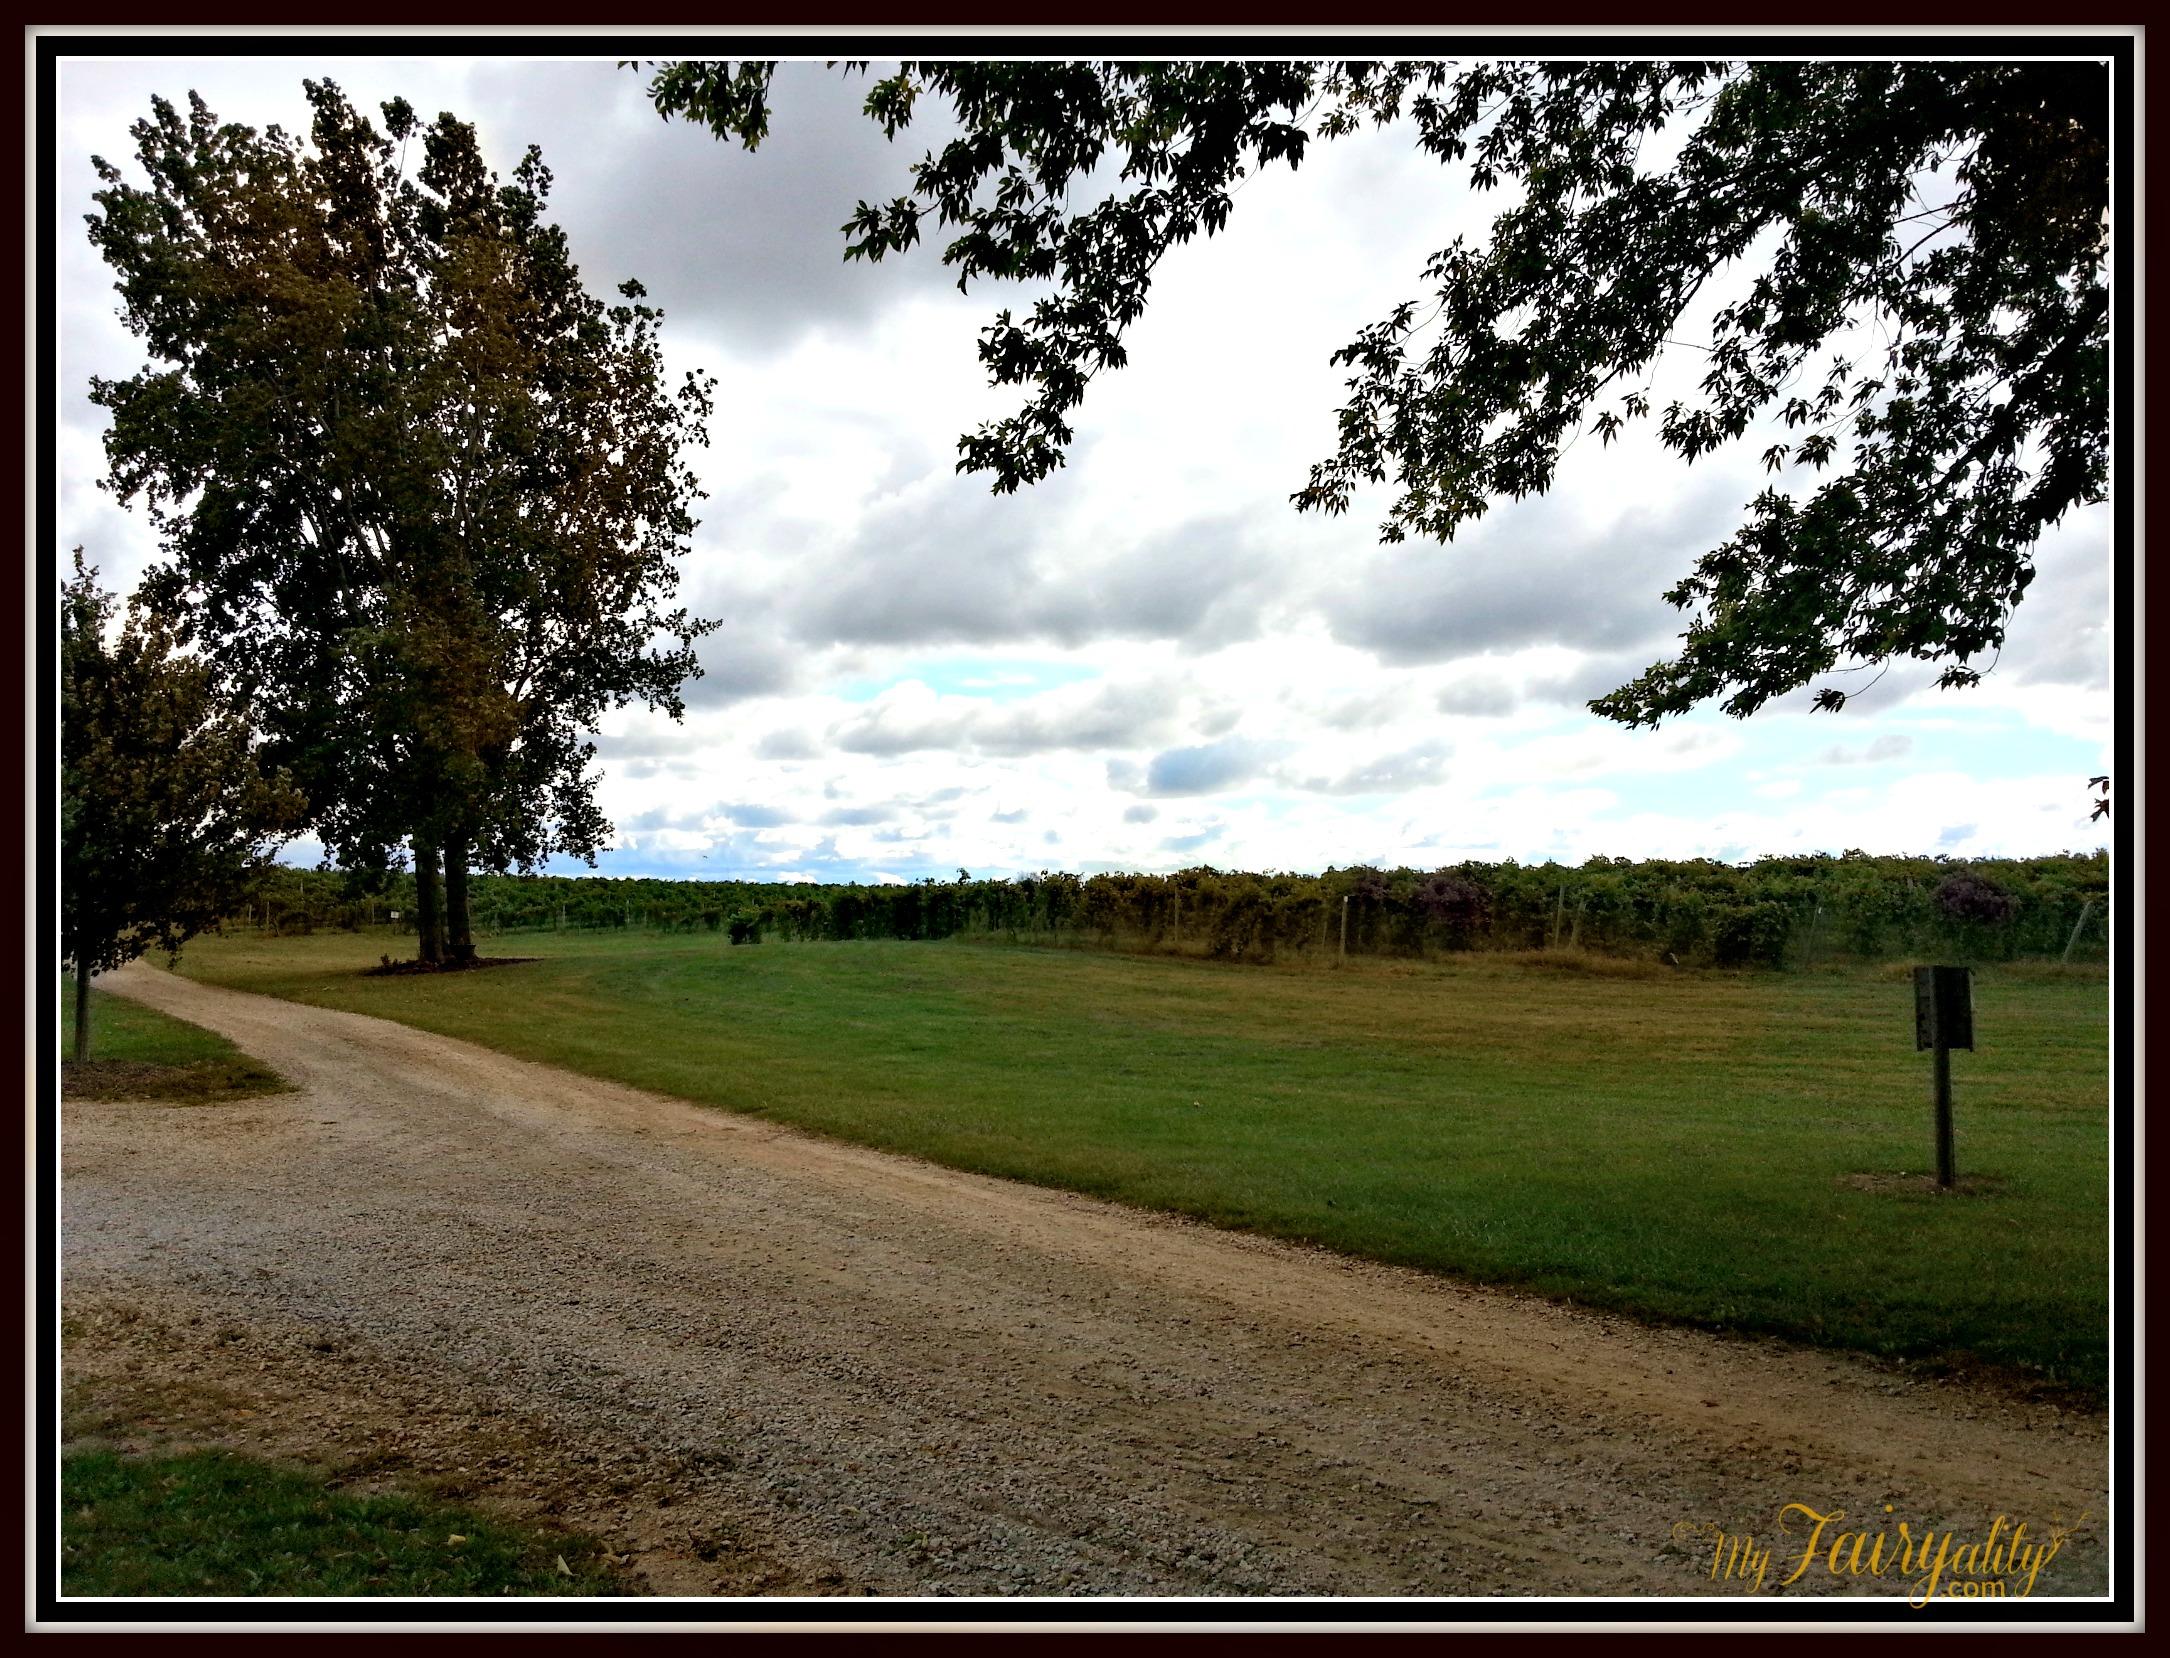 vinyeard view